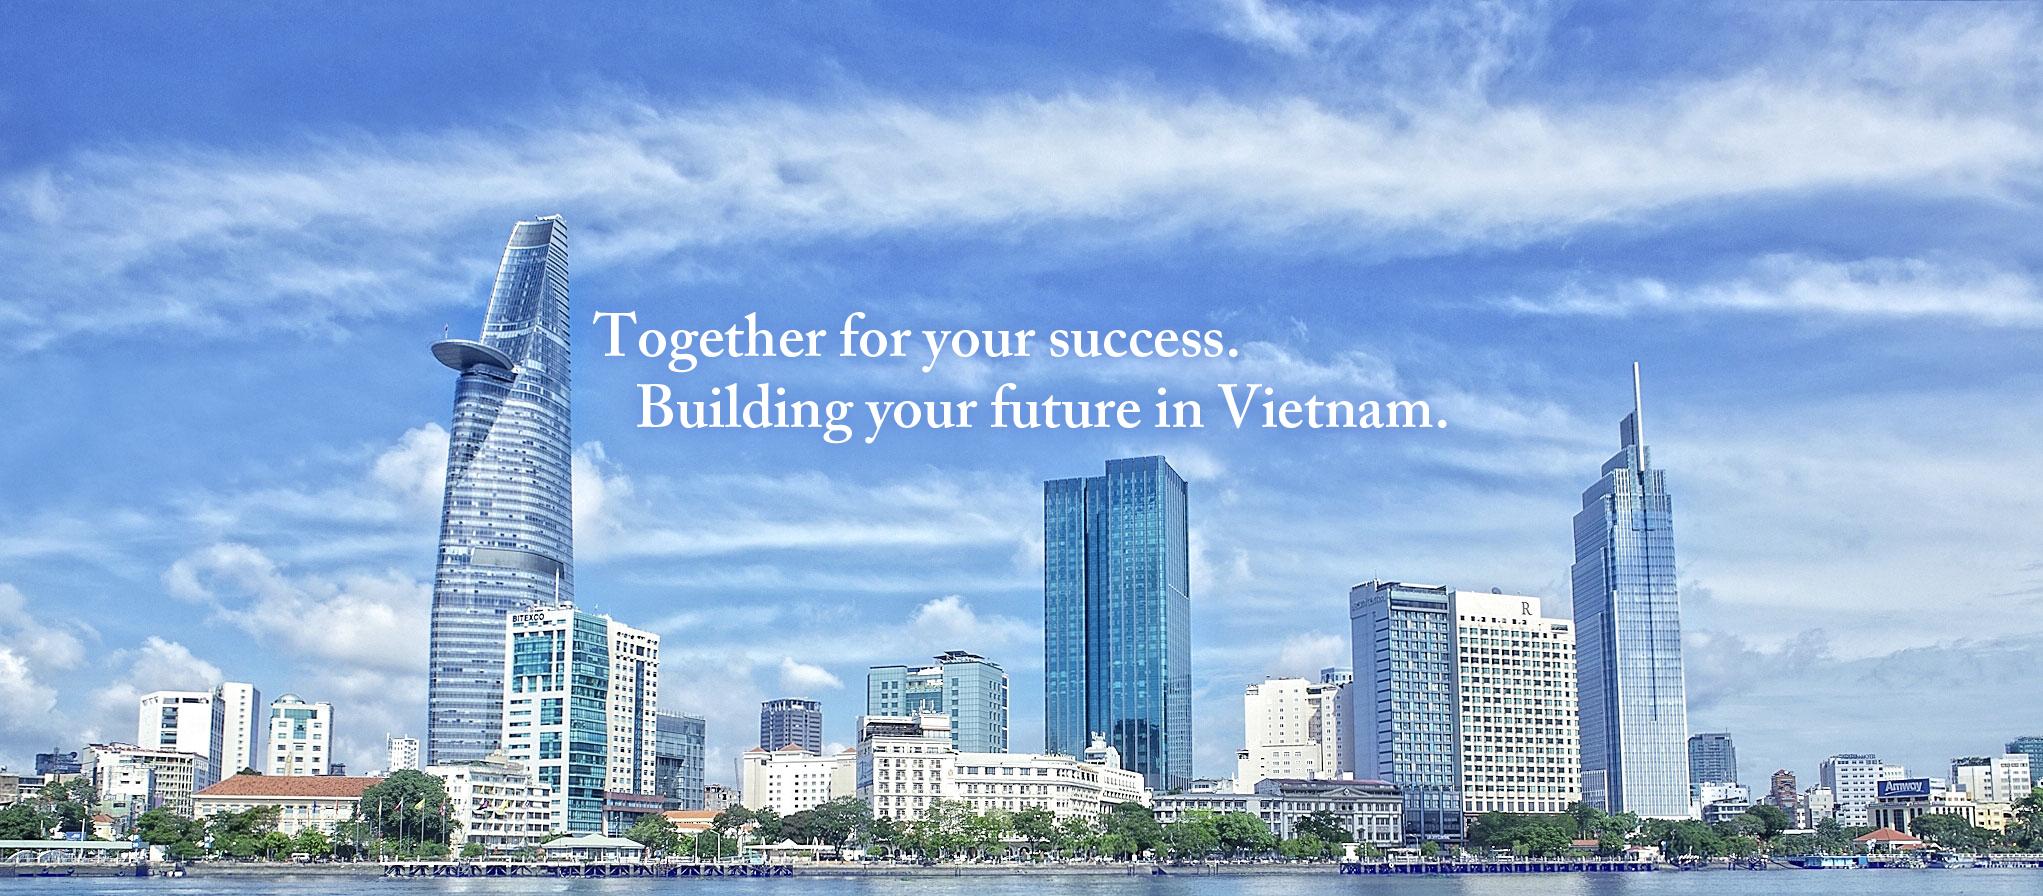 HSKV-平成会計社ベトナム